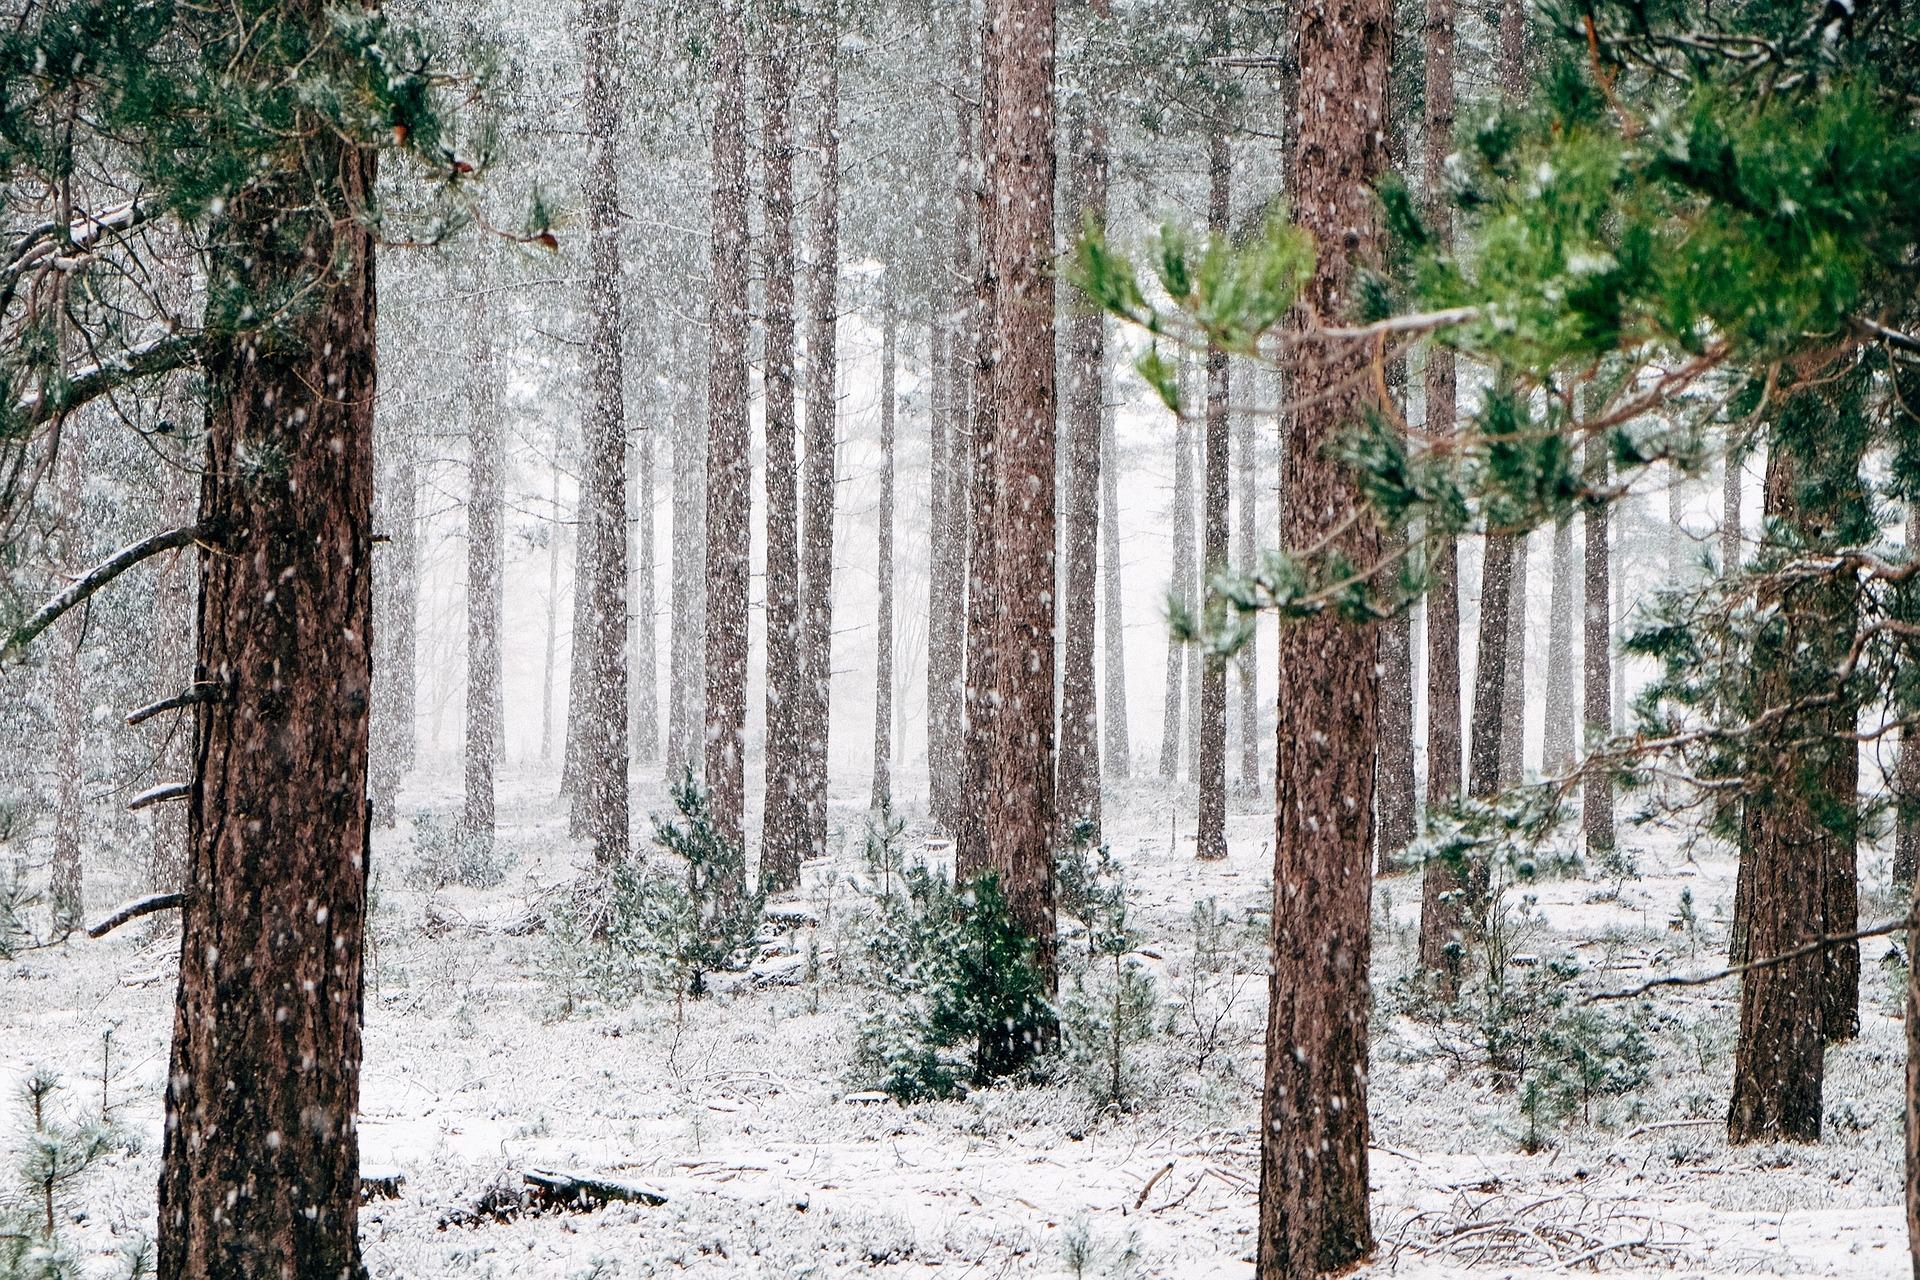 woods-690257_1920.jpg